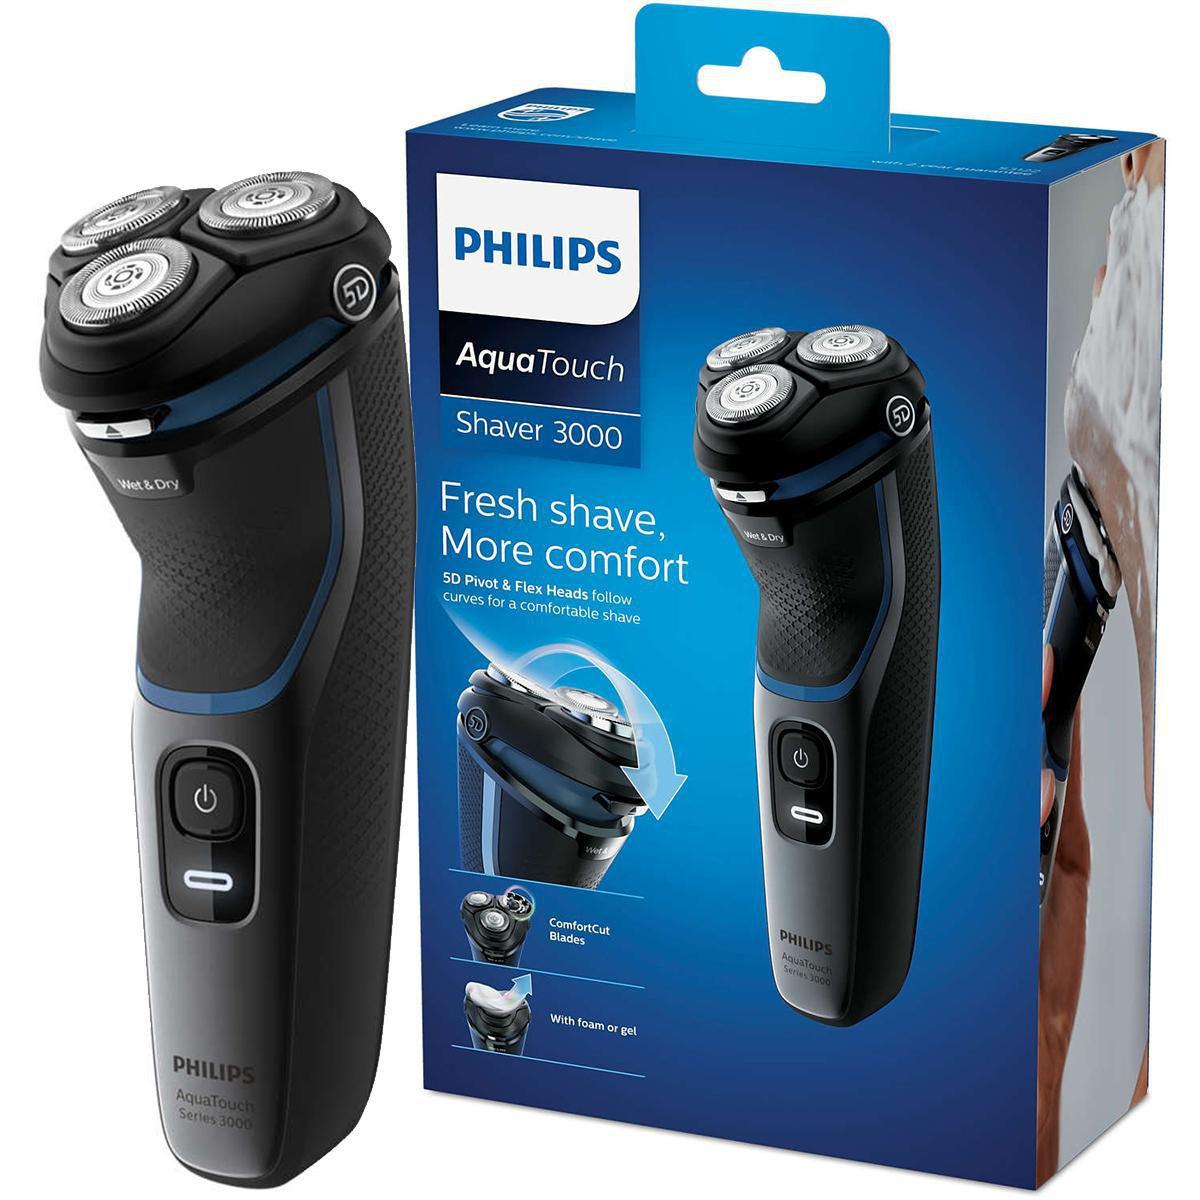 Barbeador Elétrico AquaTouch Philips S3122/51 Shaver 3100, Seco e Molhado Bivolt